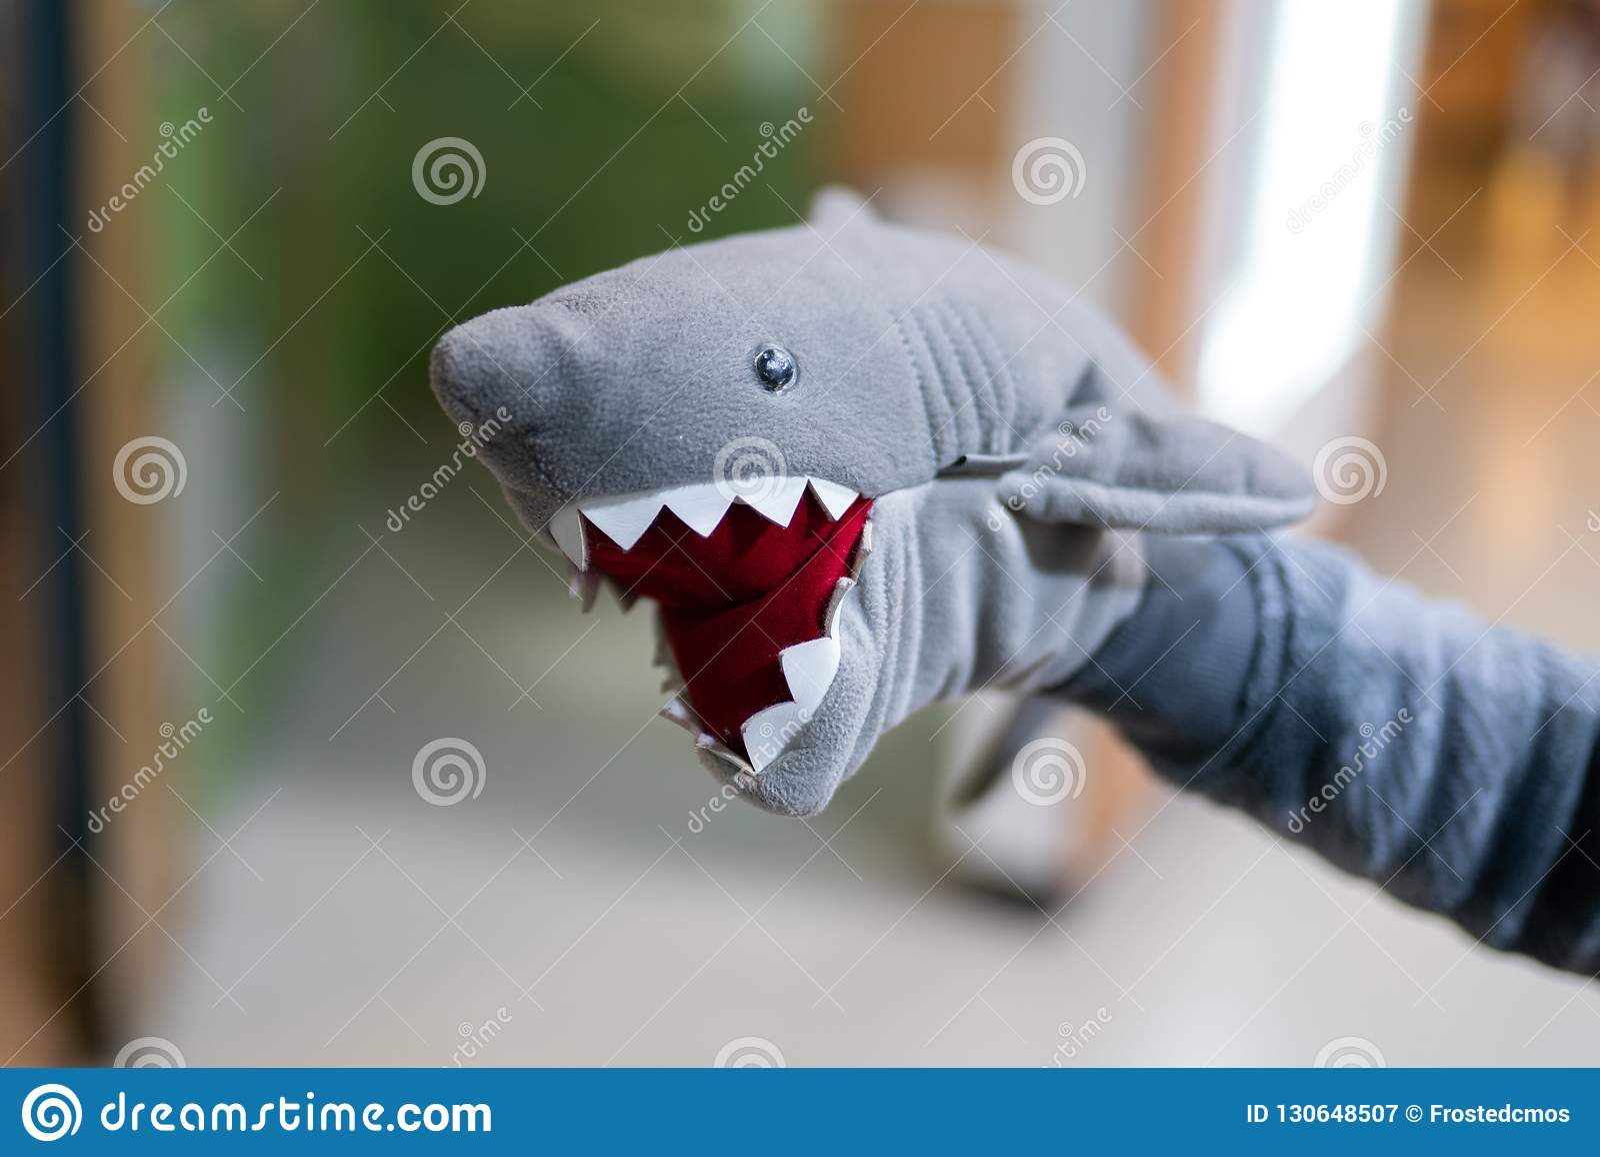 Γεμισμένο παιχνίδι καρχαριών σε ετοιμότητα